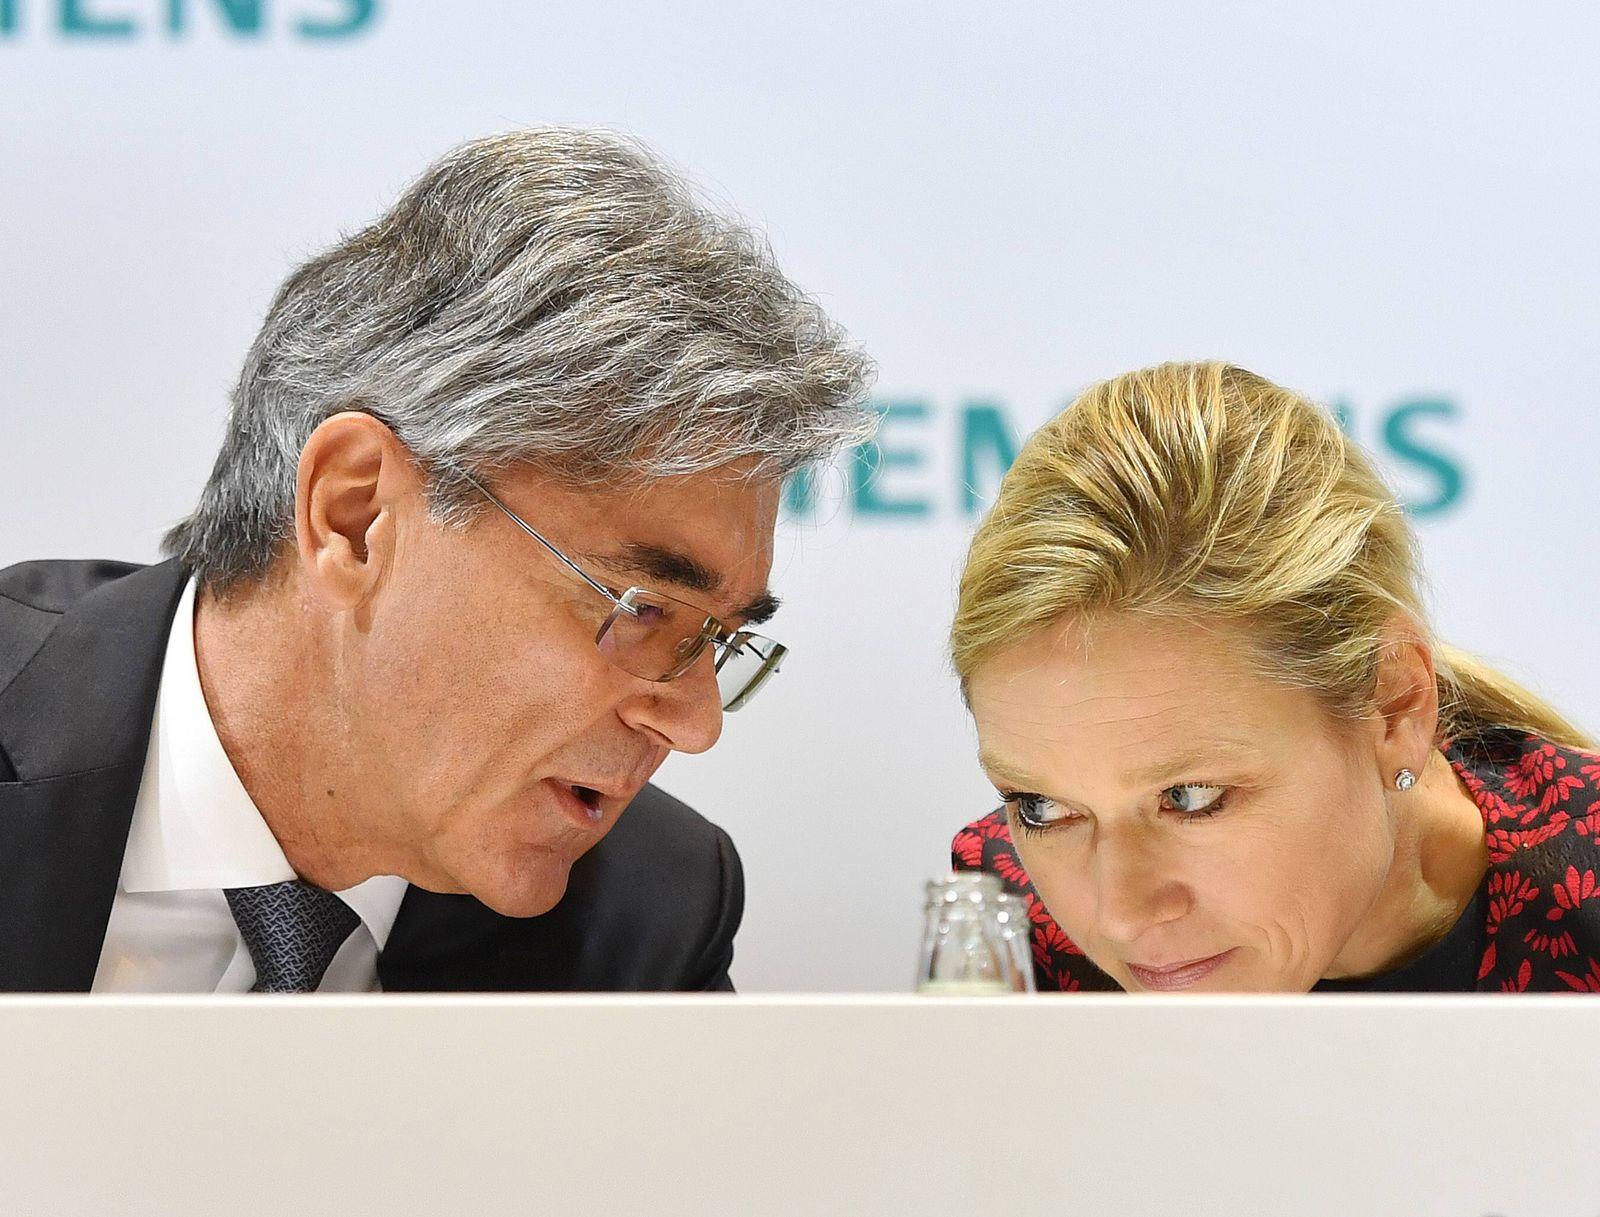 EINMALIGE VERWENDUNG v lo JOE KAESER CEO Vorstandsvorsitzender Clarissa Haller Leiterin der Unternehmenskomunikation